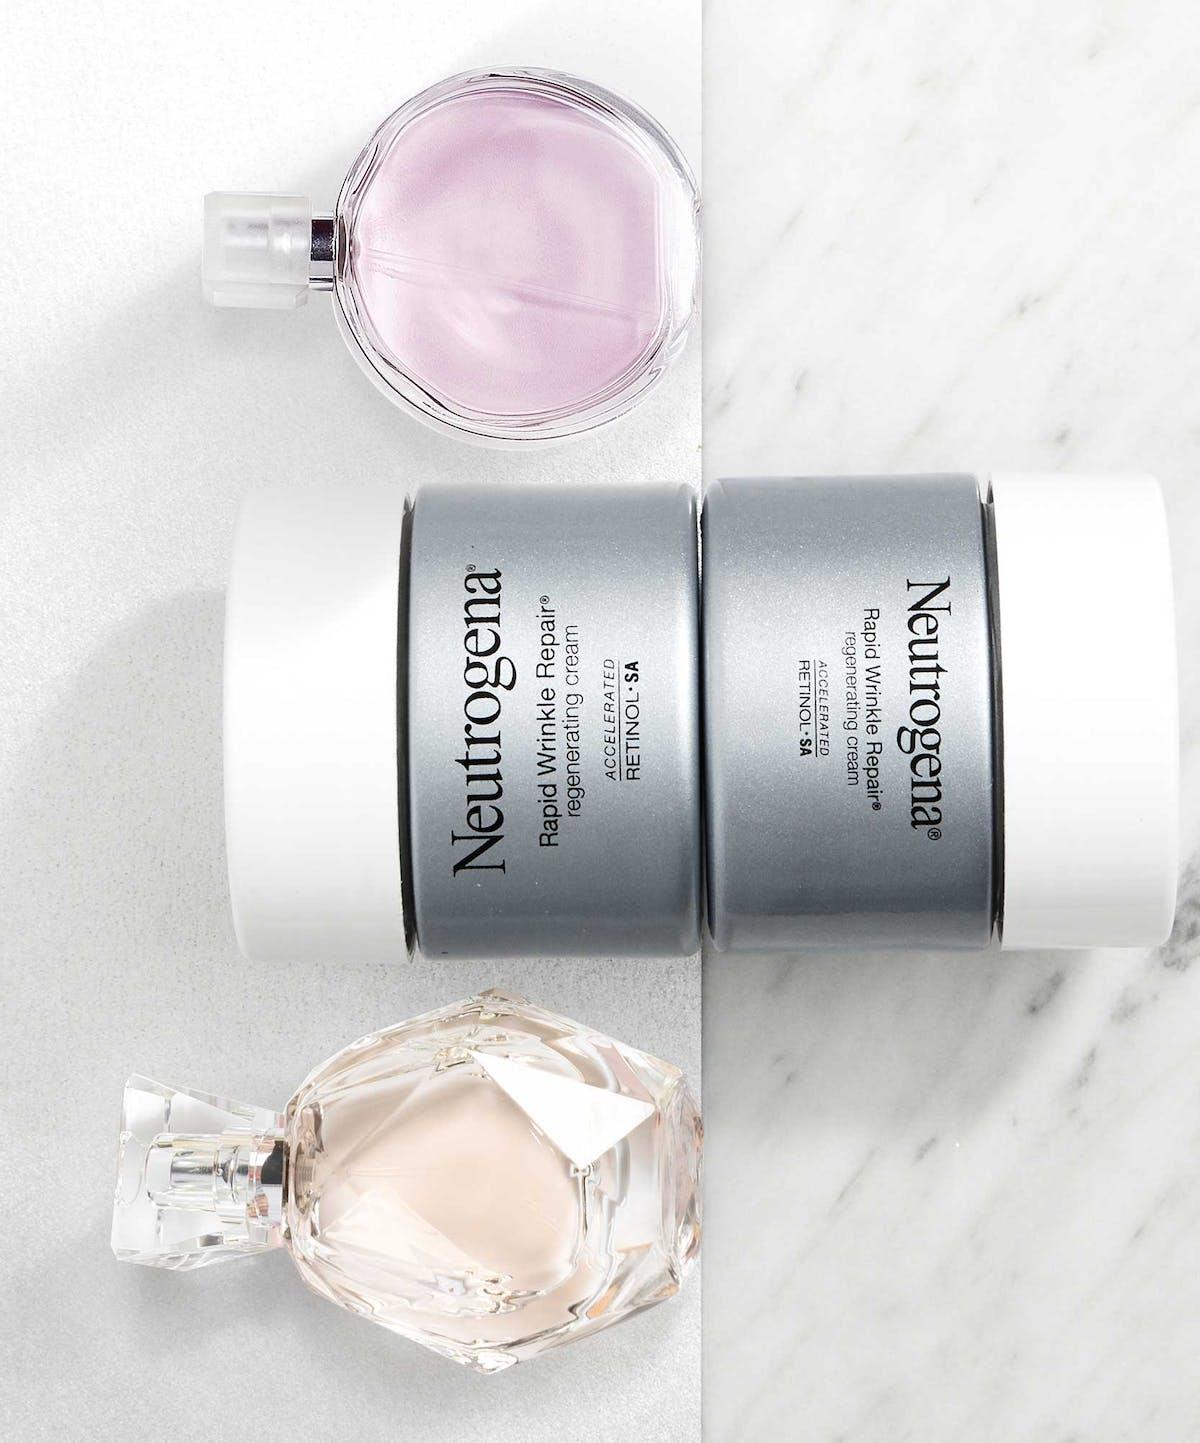 Rapid Wrinkle Repair® Regenerating Retinol Cream, Fragrance-Free +  Hyaluronic Acid